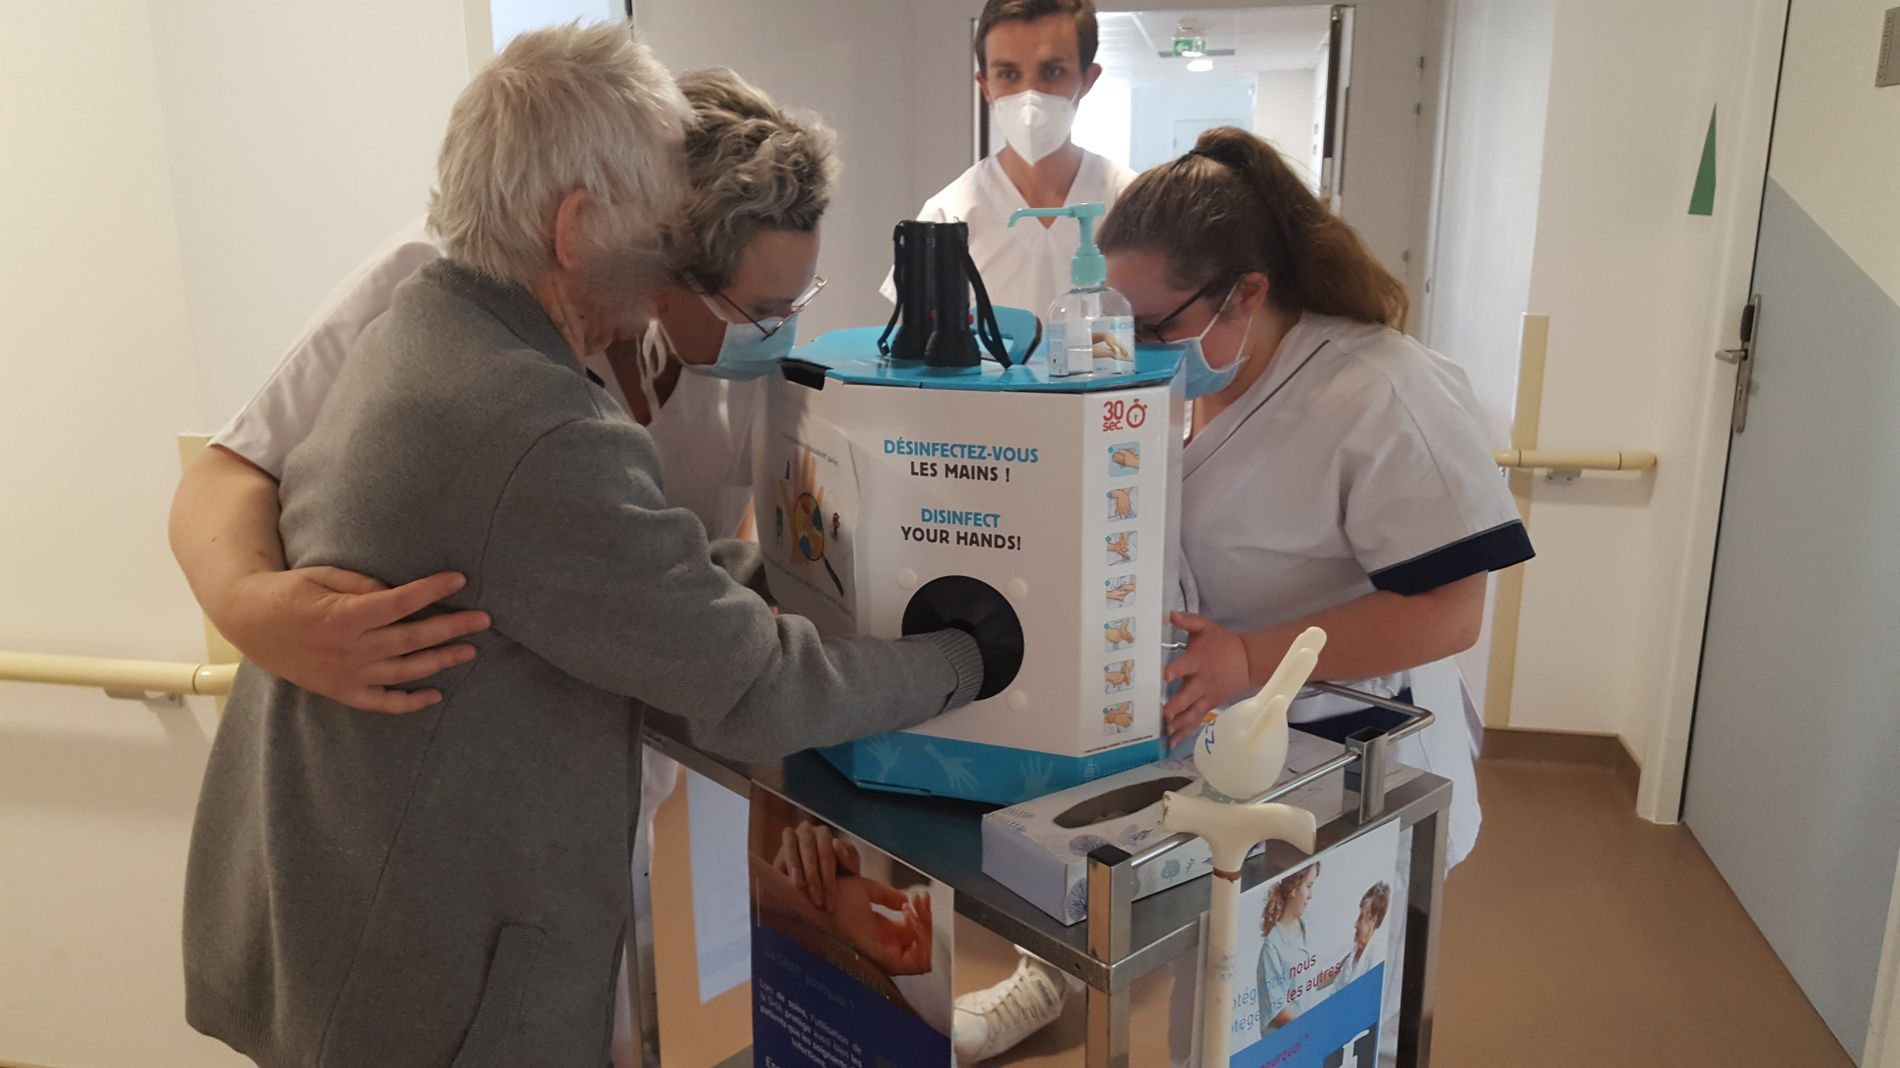 Journée mondiale en faveur de l'Hygiène des mains